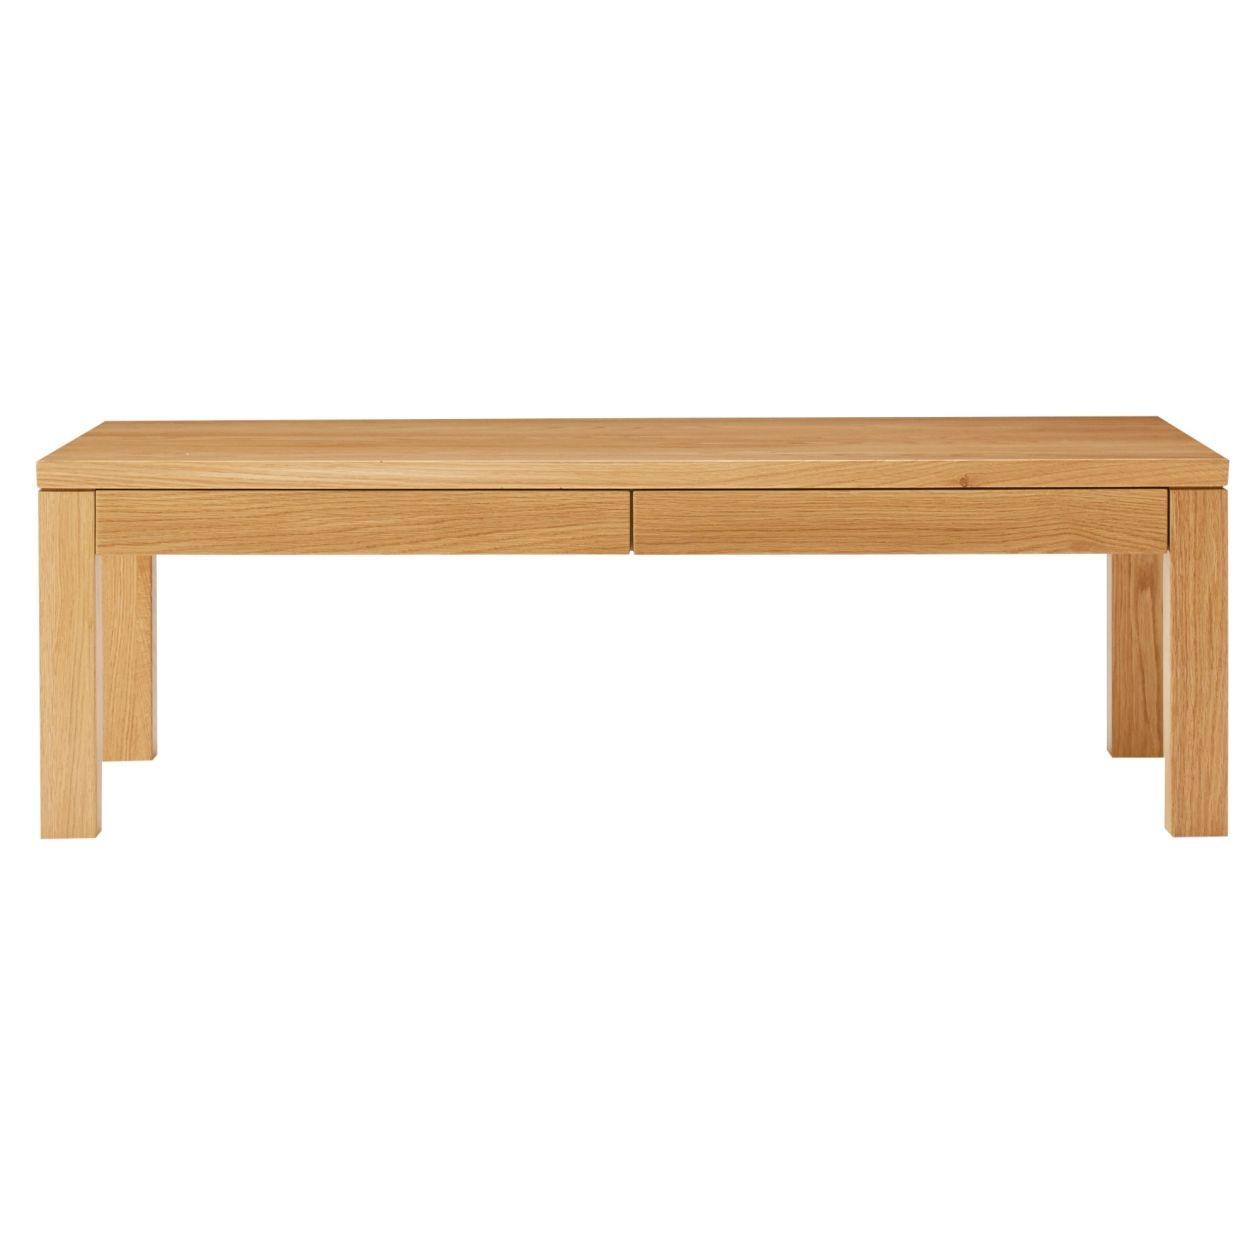 無垢材ローテーブル(引出付)・オーク材・110×55cm